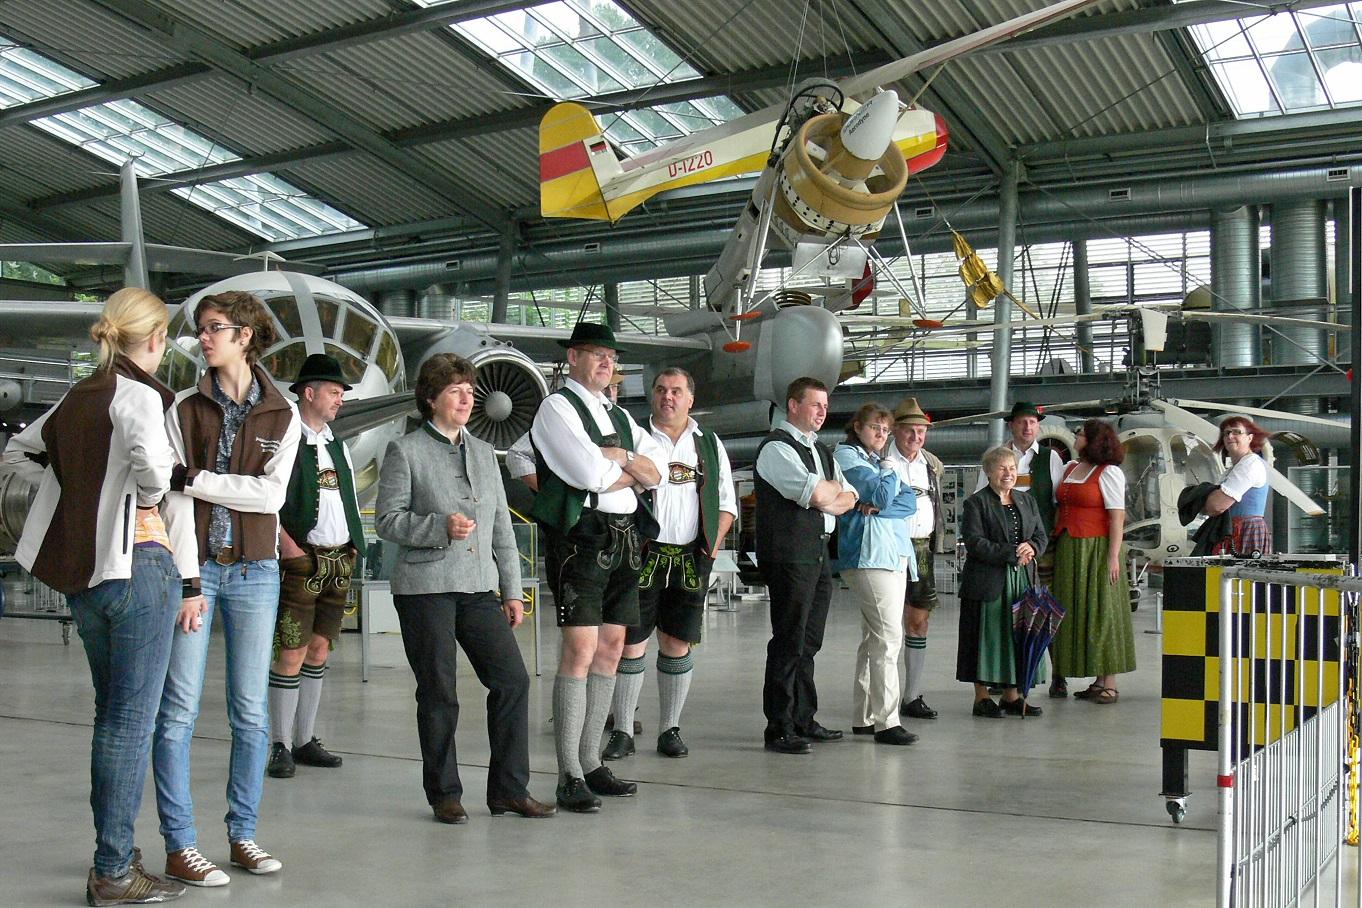 Schuetzenausflug_2011_Foto3